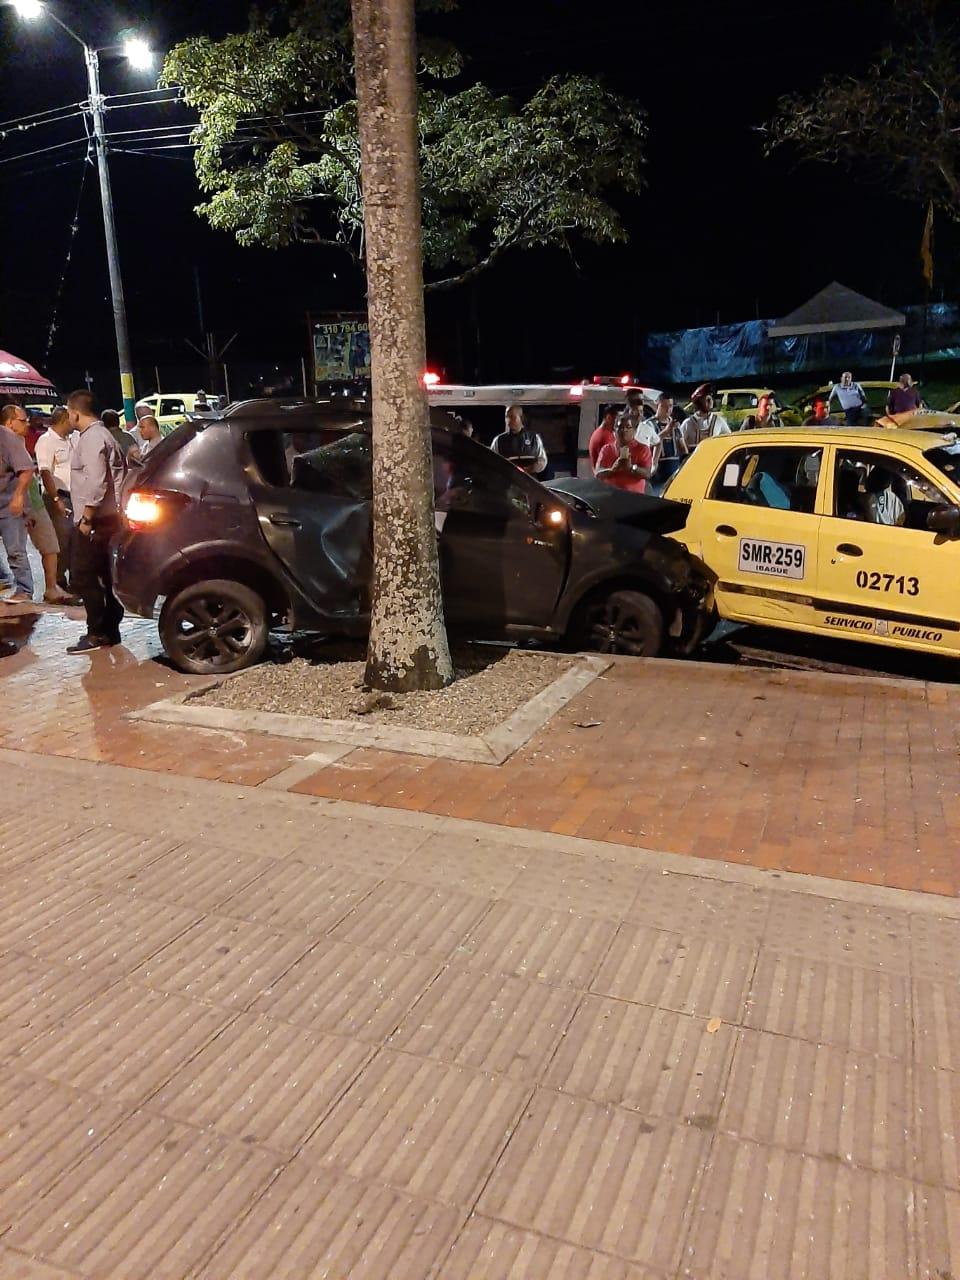 Borracho 'levantó' a tres taxis en la bahía del Centro Comercial La Estación: Dos taxistas heridos